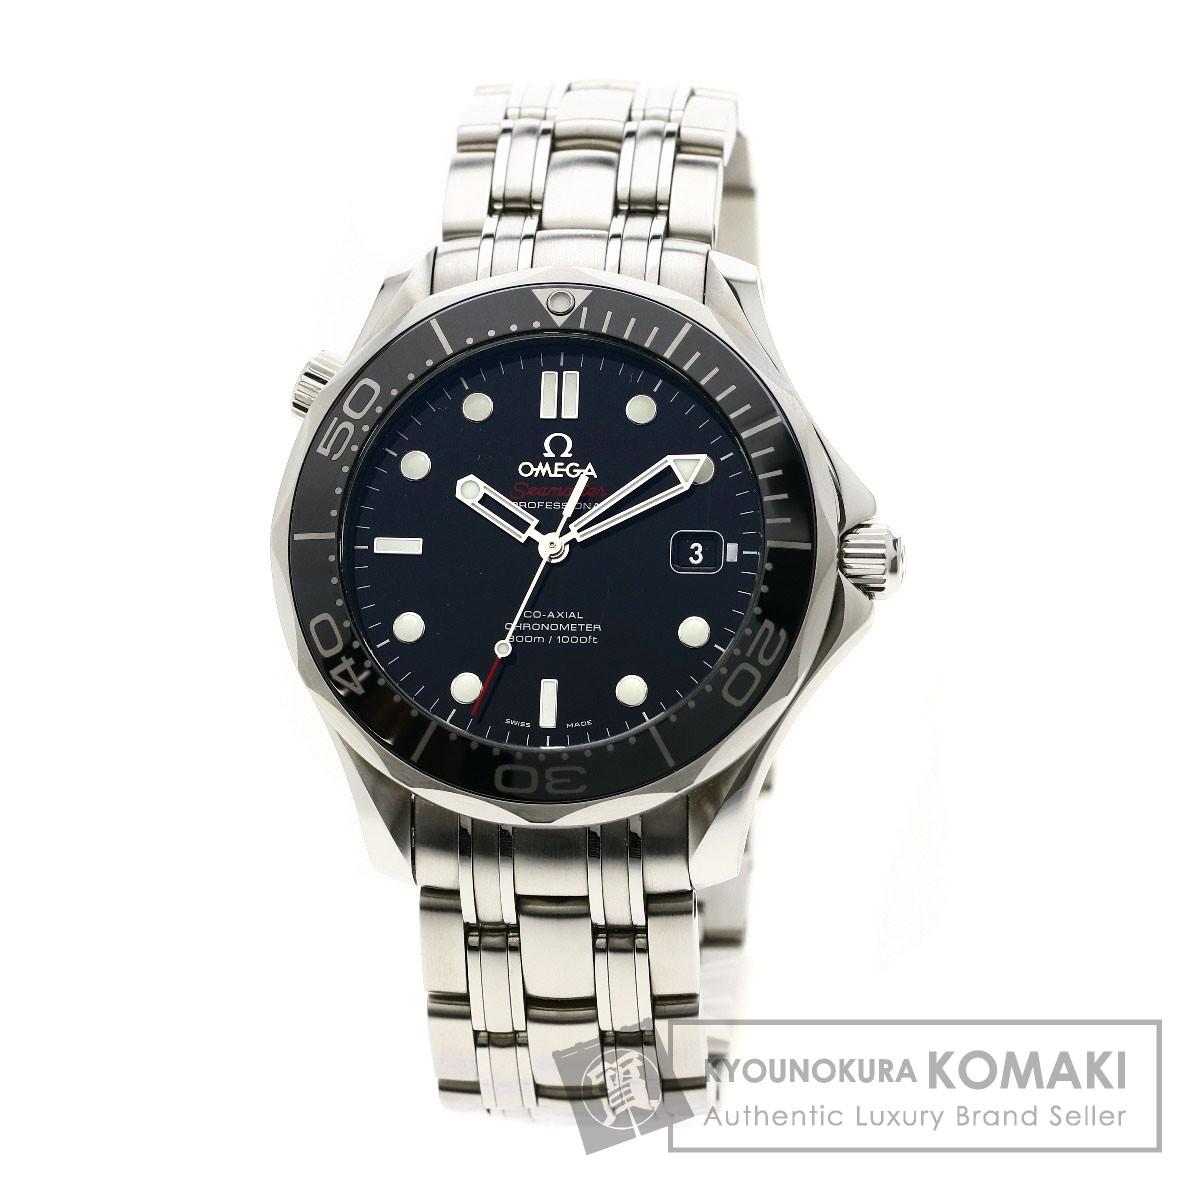 OMEGA 212.30.41.20.01.003 シーマスター300 コーアクシャル 腕時計 ステンレススチール メンズ 【中古】【オメガ】